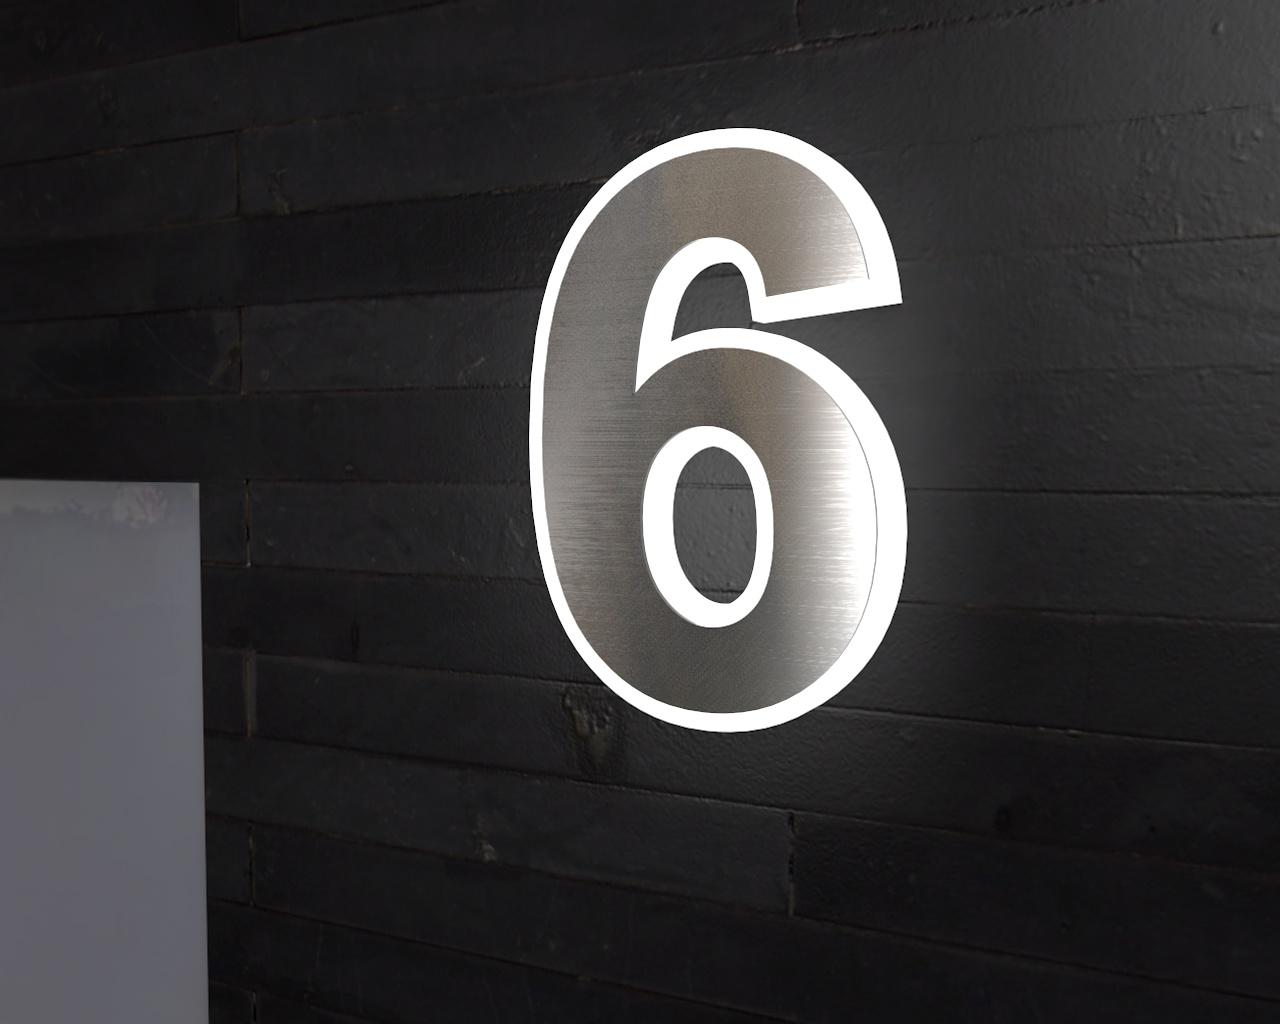 Beleuchtete-Led Edelstahl-Hausnummer 6